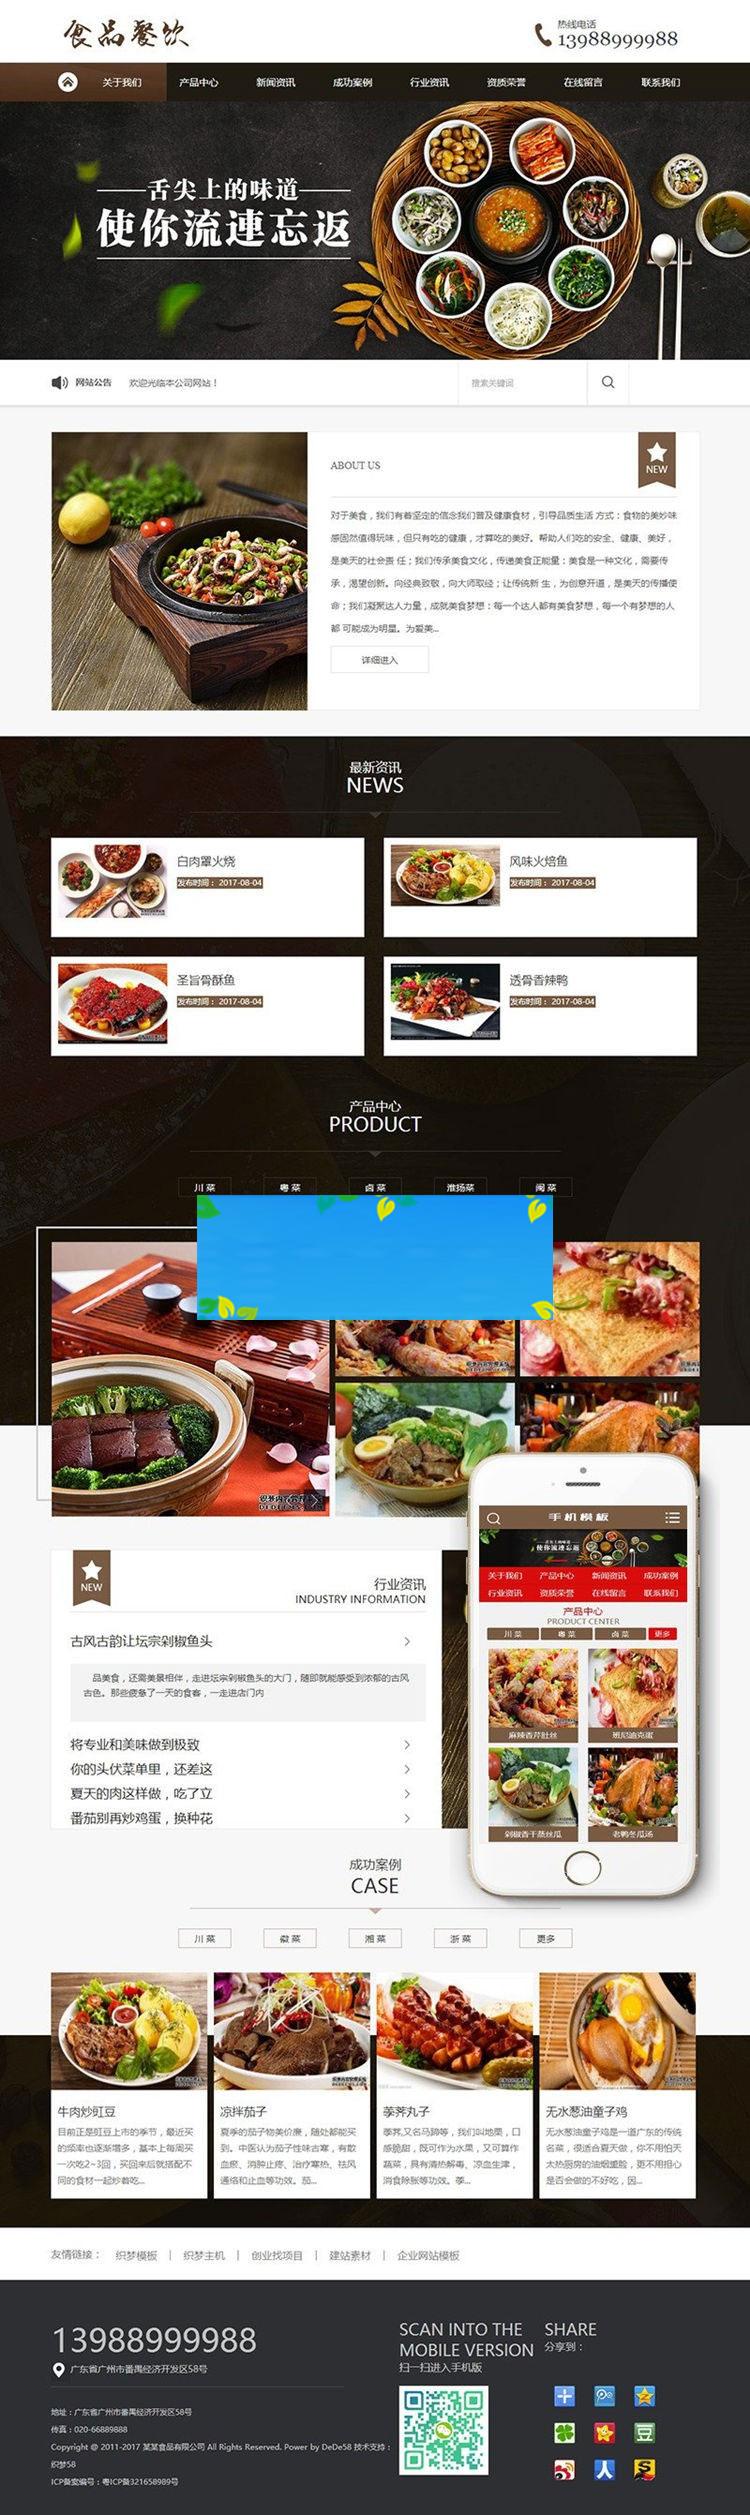 织梦dedecms餐饮美食食品企业网站模板(带手机移动端)